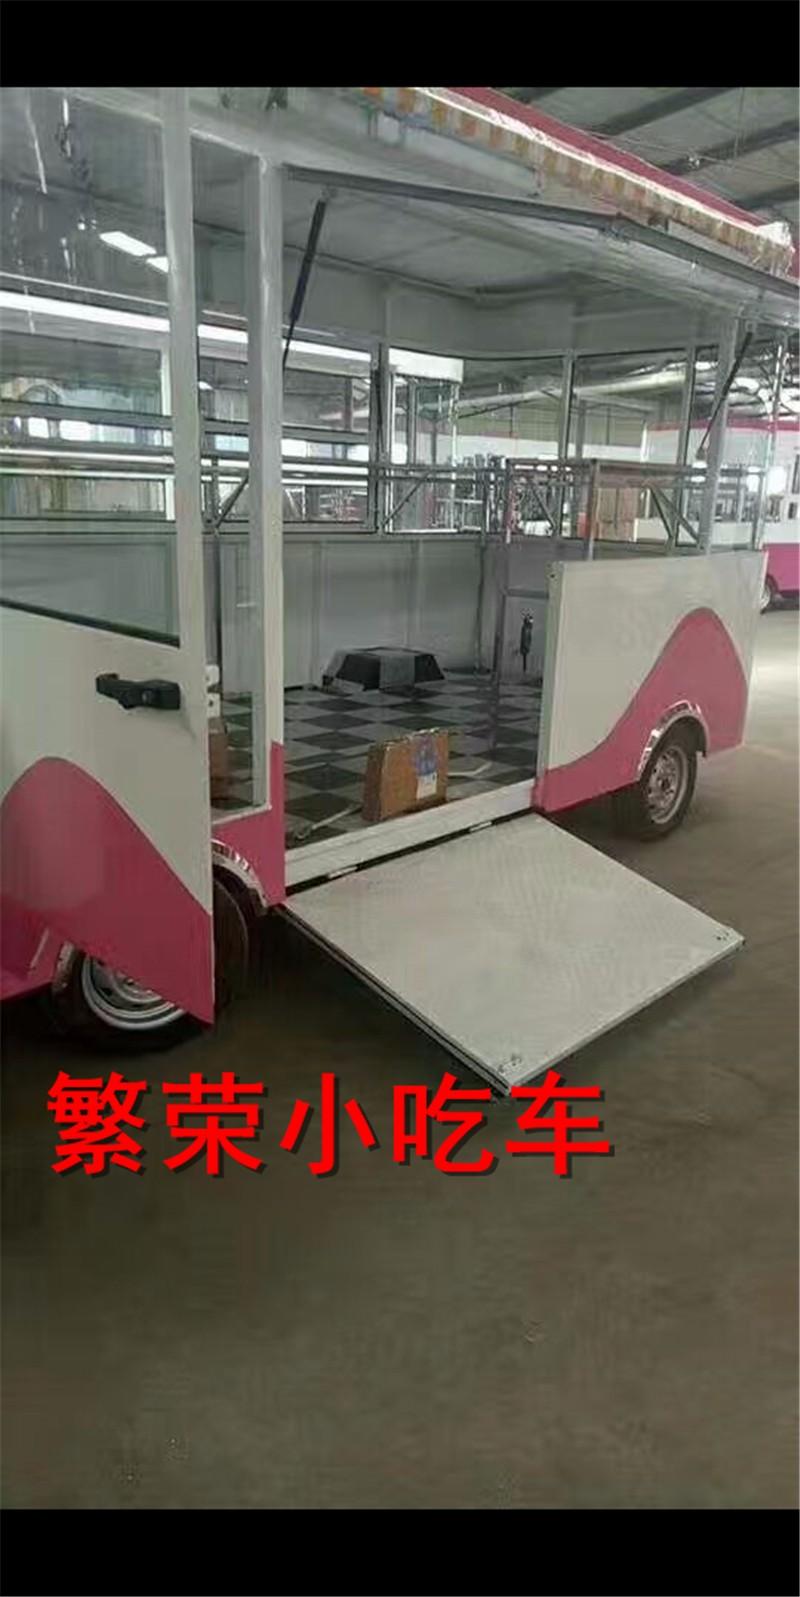 电动流动餐车厂家生产定制 多功能美食车 售货车 摆摊美食餐车